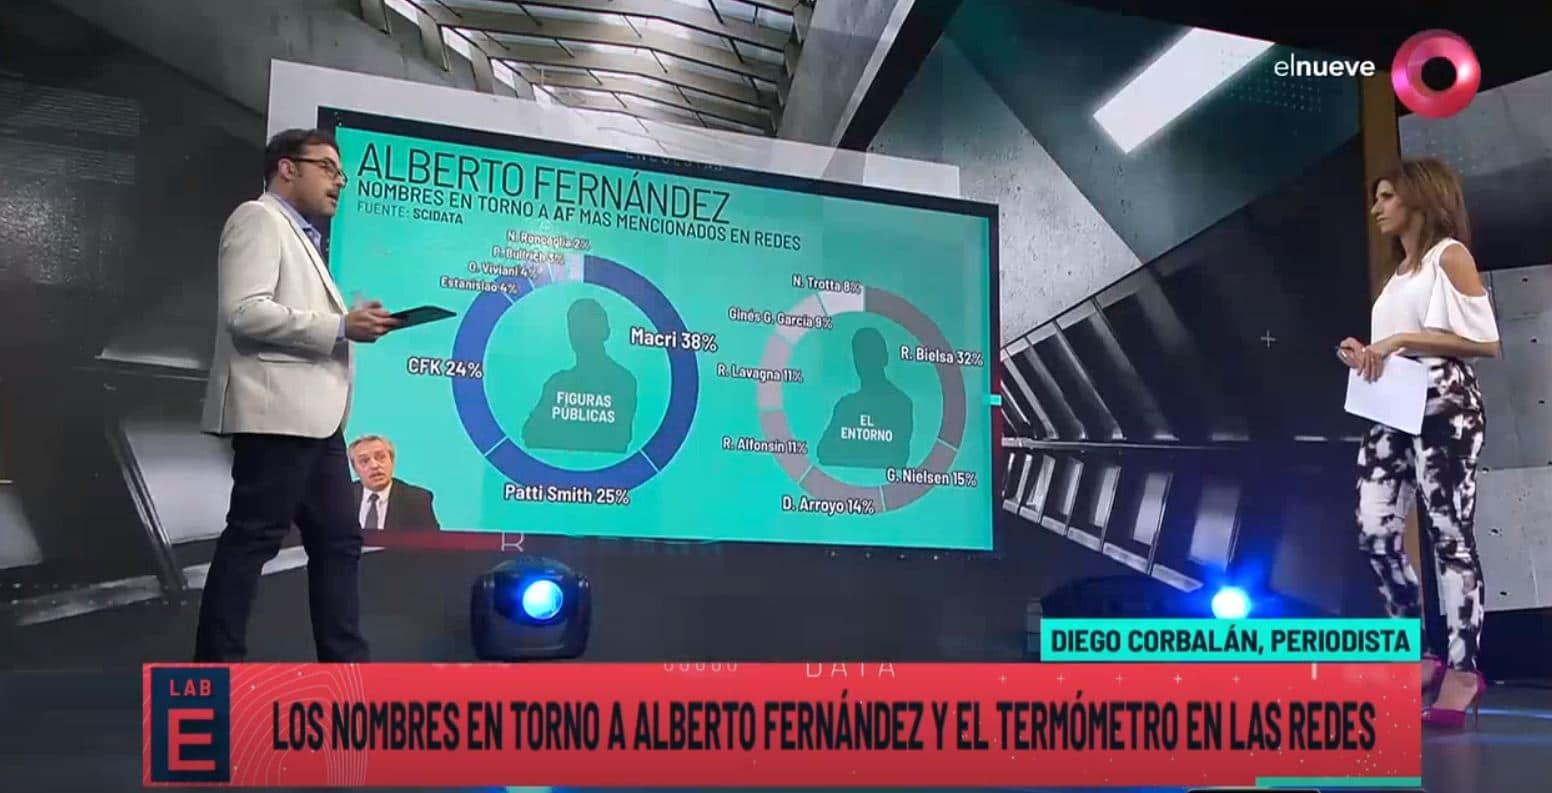 Las redes sociales delinean al entorno del futuro presidente Alberto Fernández